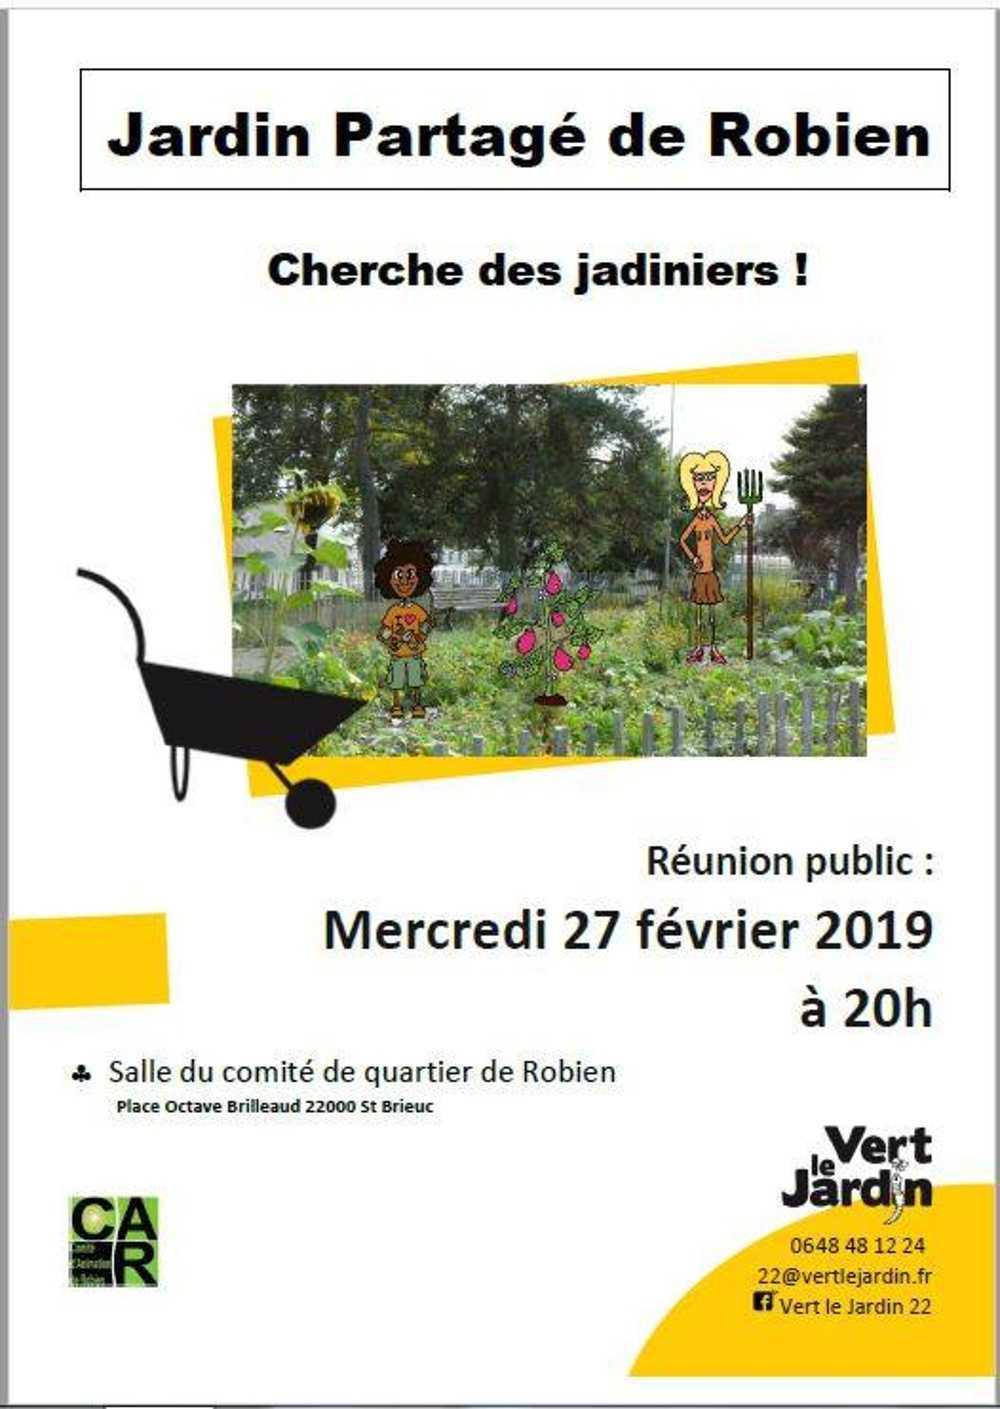 Remobilisation au jardin partagé de Robien. Réunion publique le 27 février à 20h 0